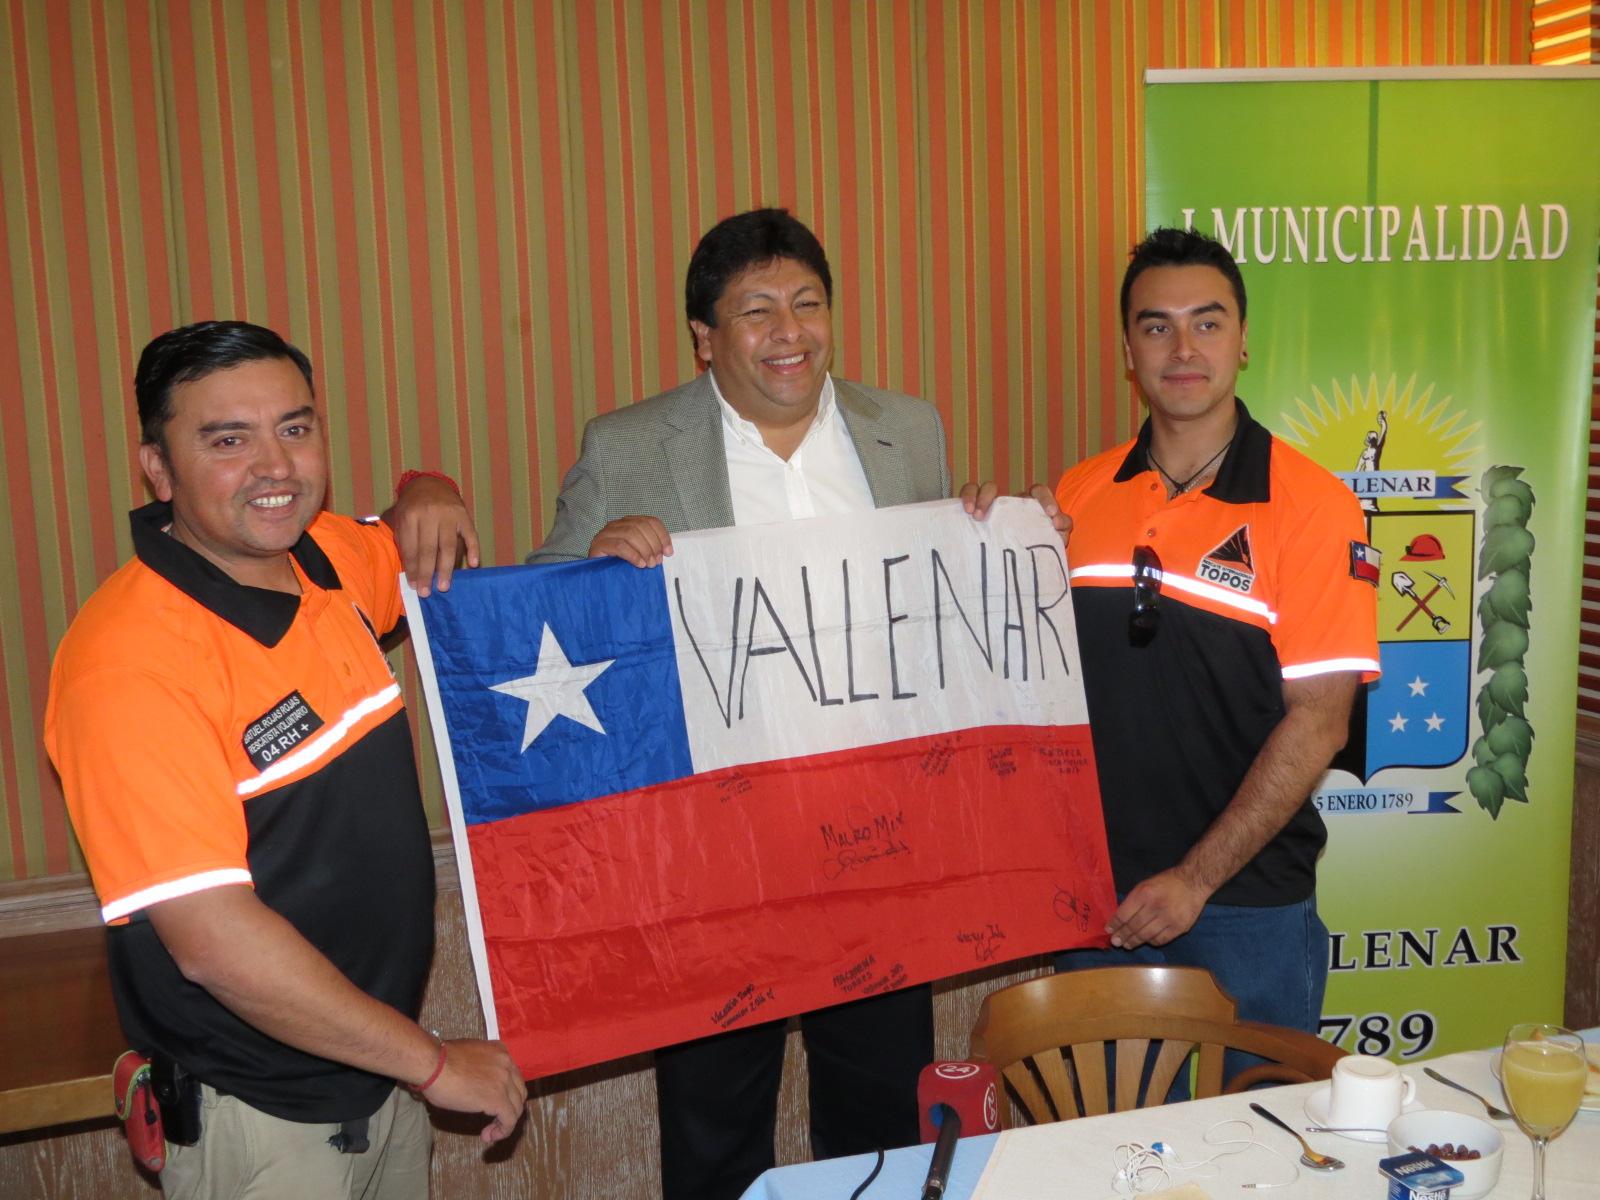 Concejo Comunal de Vallenar reconoce labor de rescatistas vallenarinos